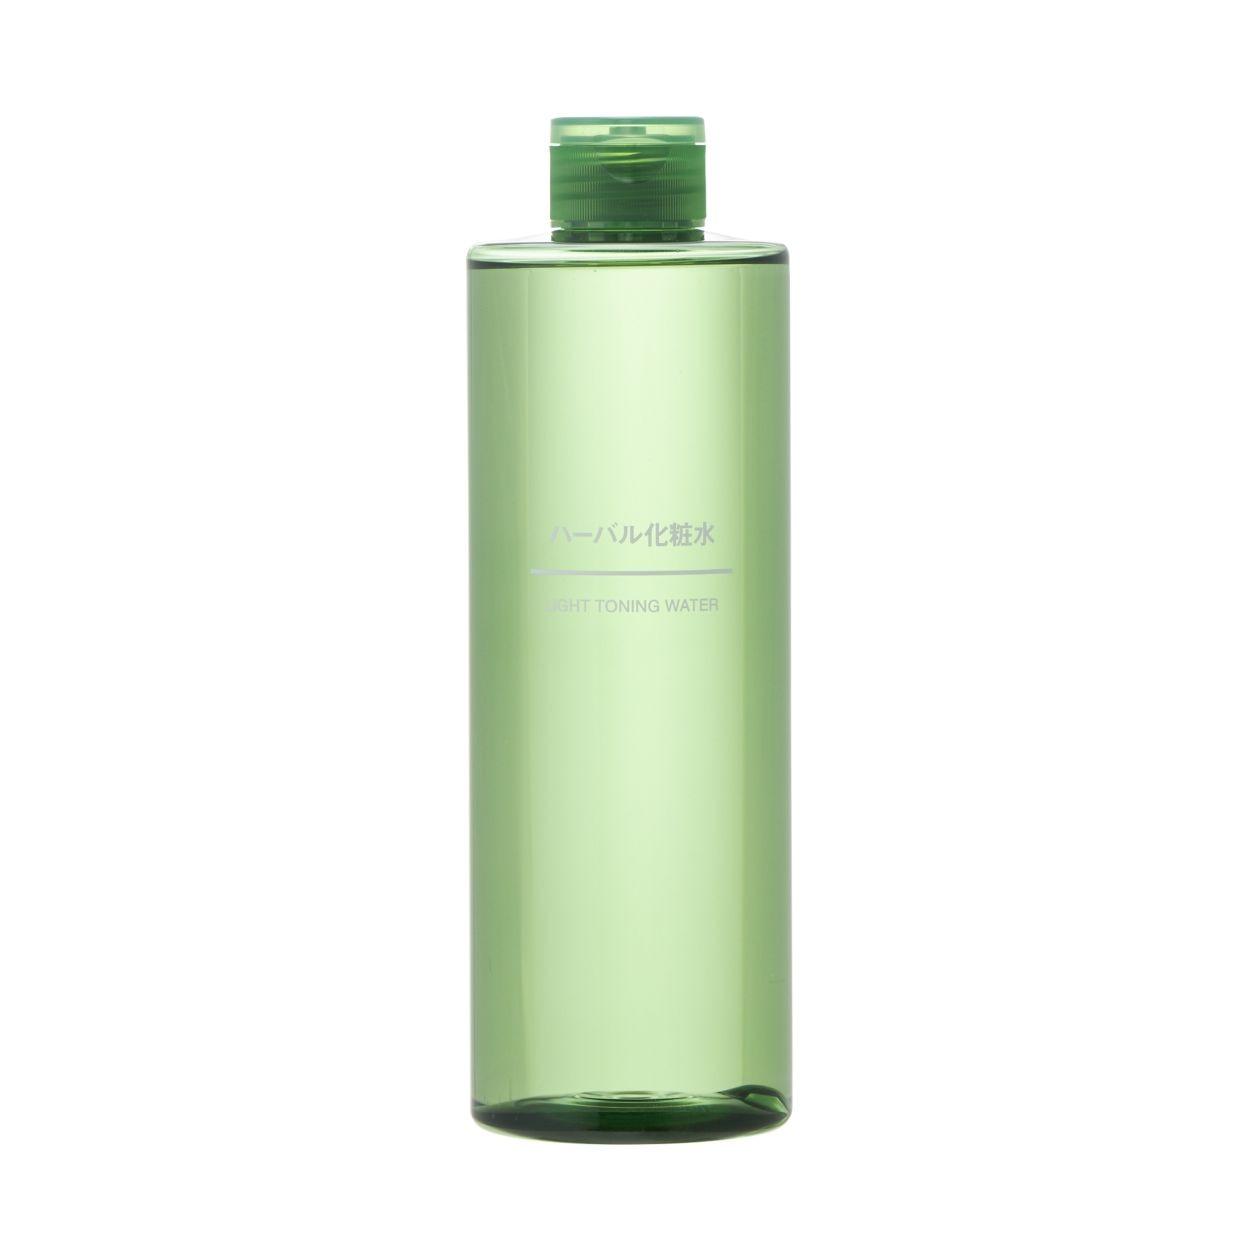 ハーバル化粧水(大容量)